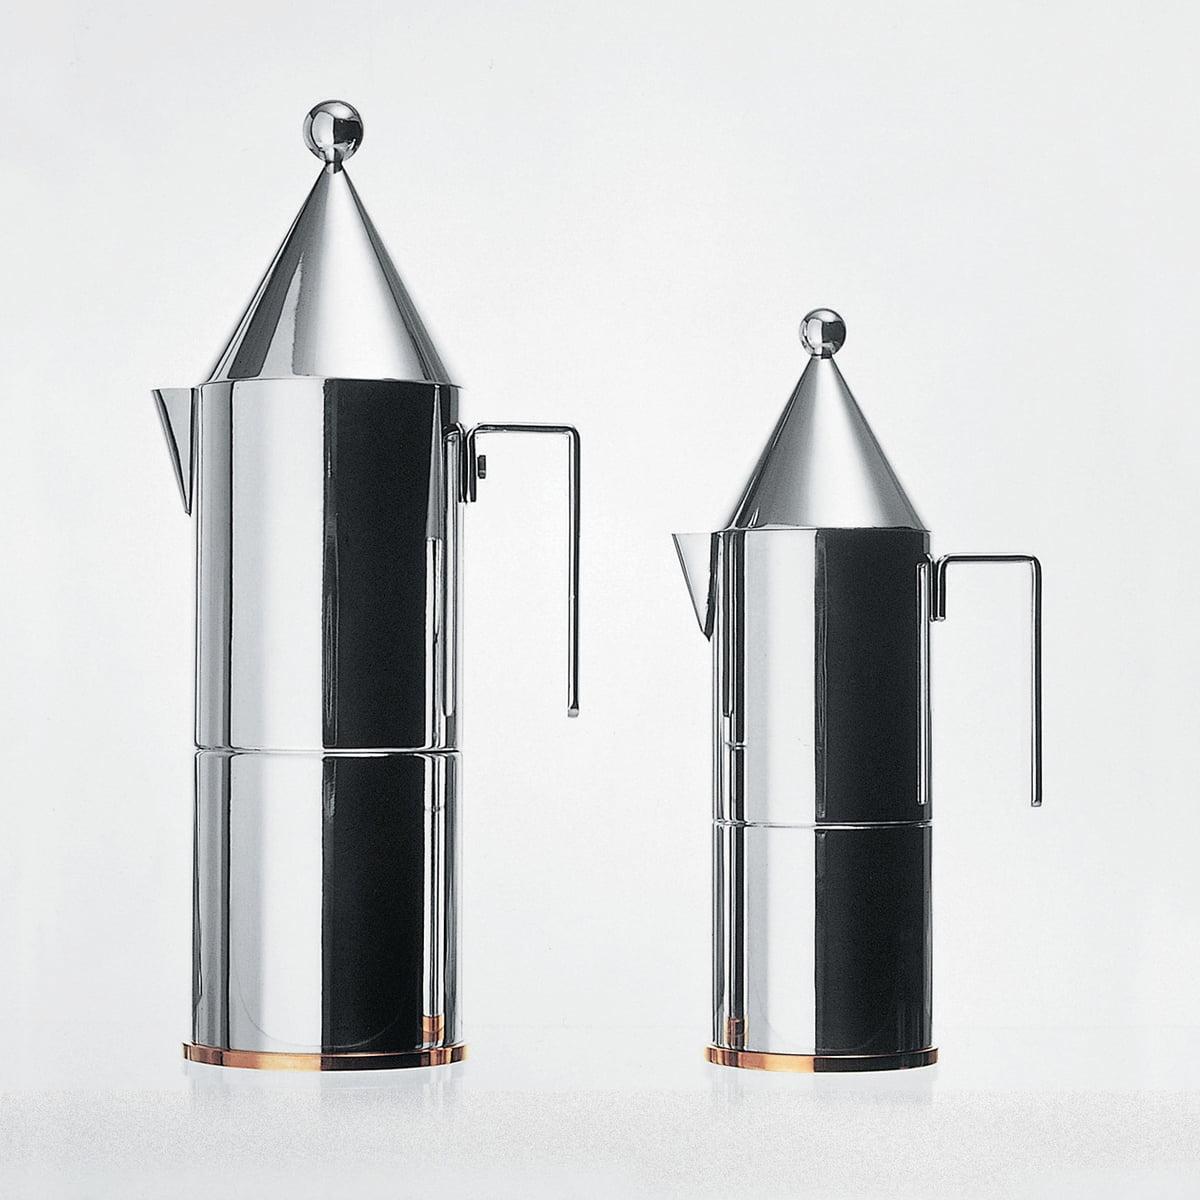 Officina Alessi - La Conica Espressokocher| klein | Küche und Esszimmer > Kaffee und Tee > Teekocher | Alessi